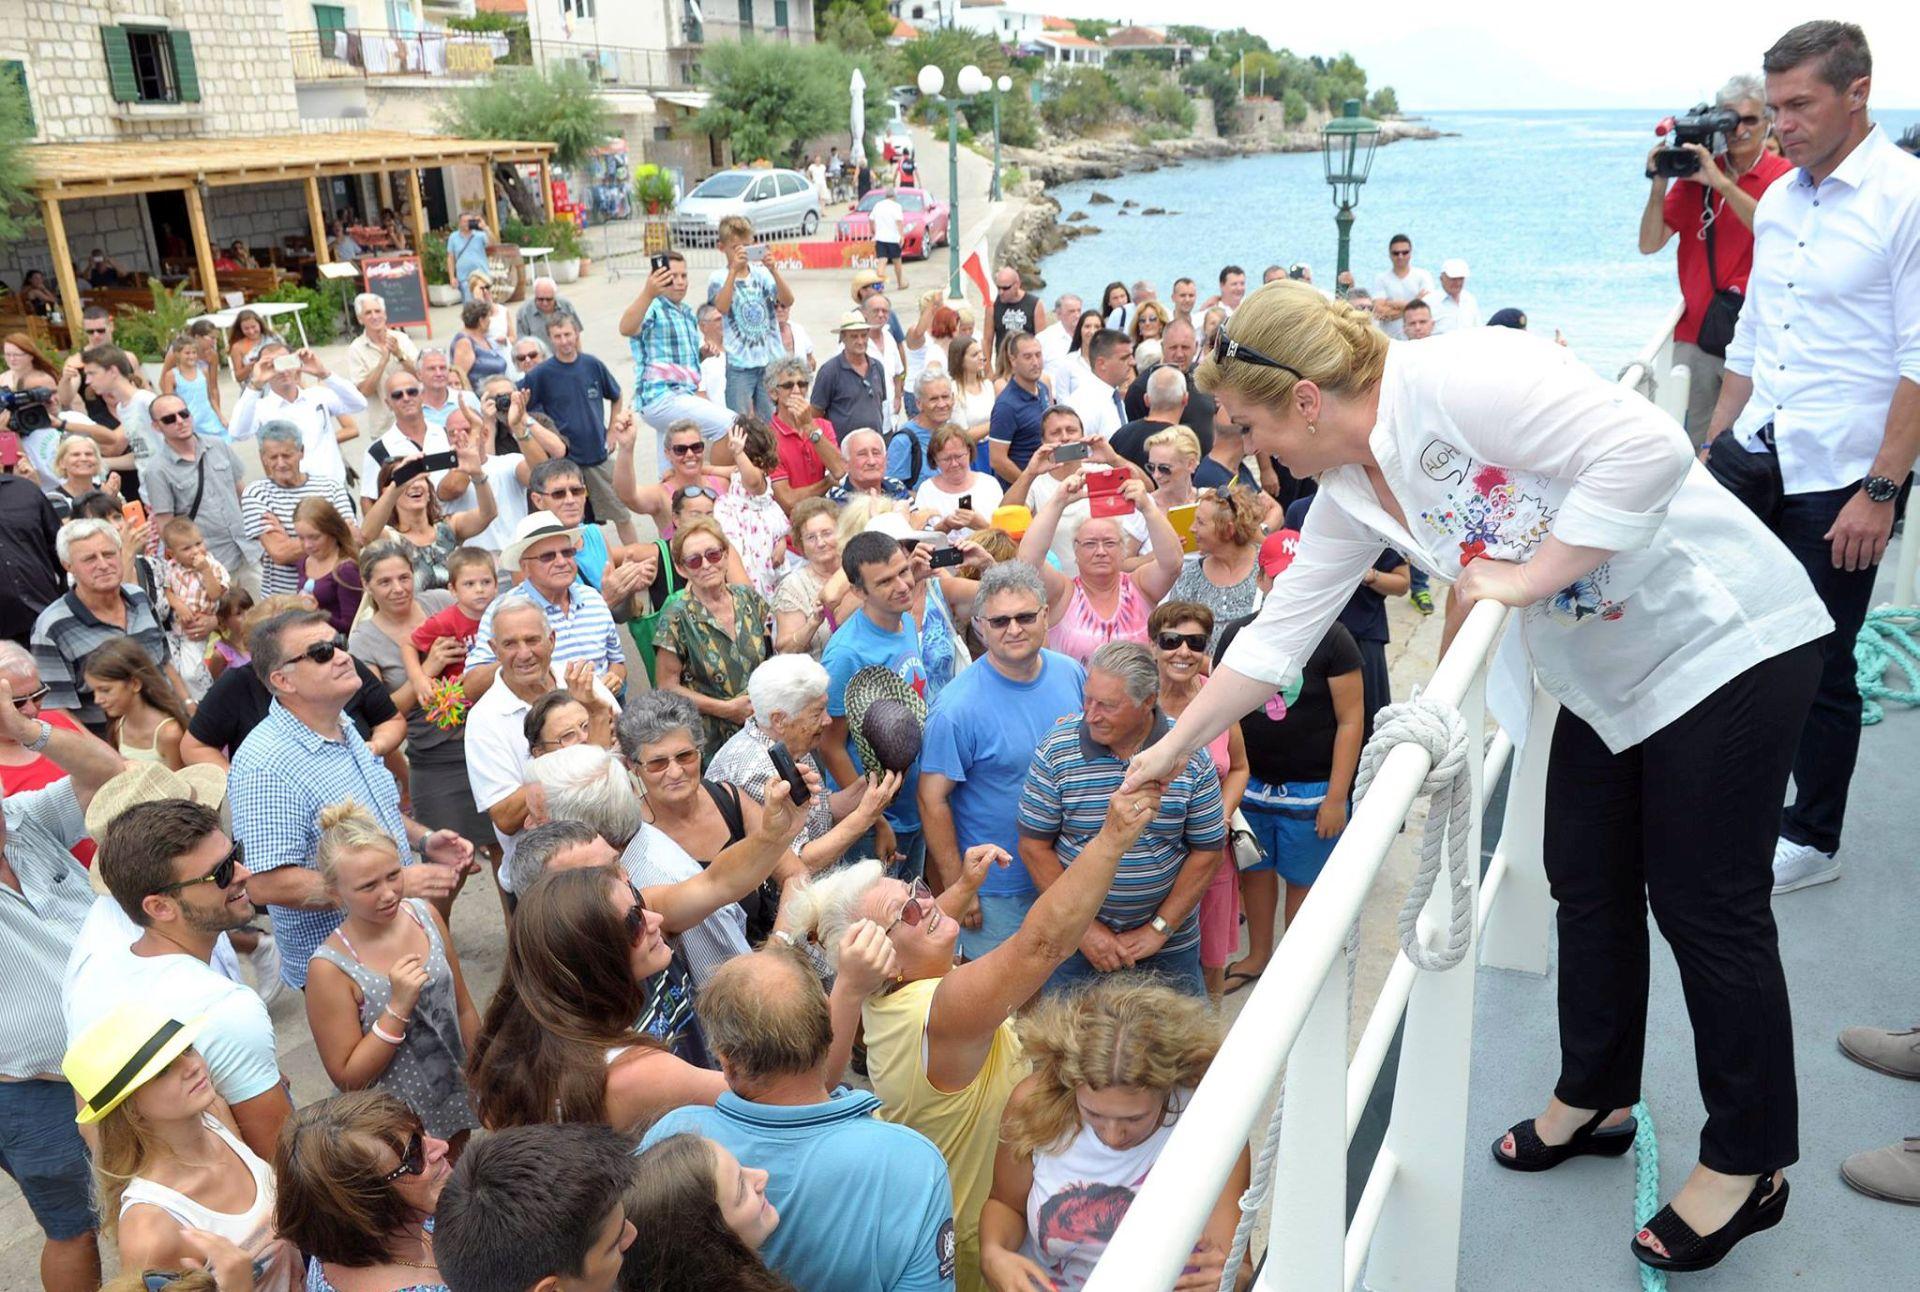 FOTO: Predsjednica Republike posjetila Hvar, Korčulu i Pelješac